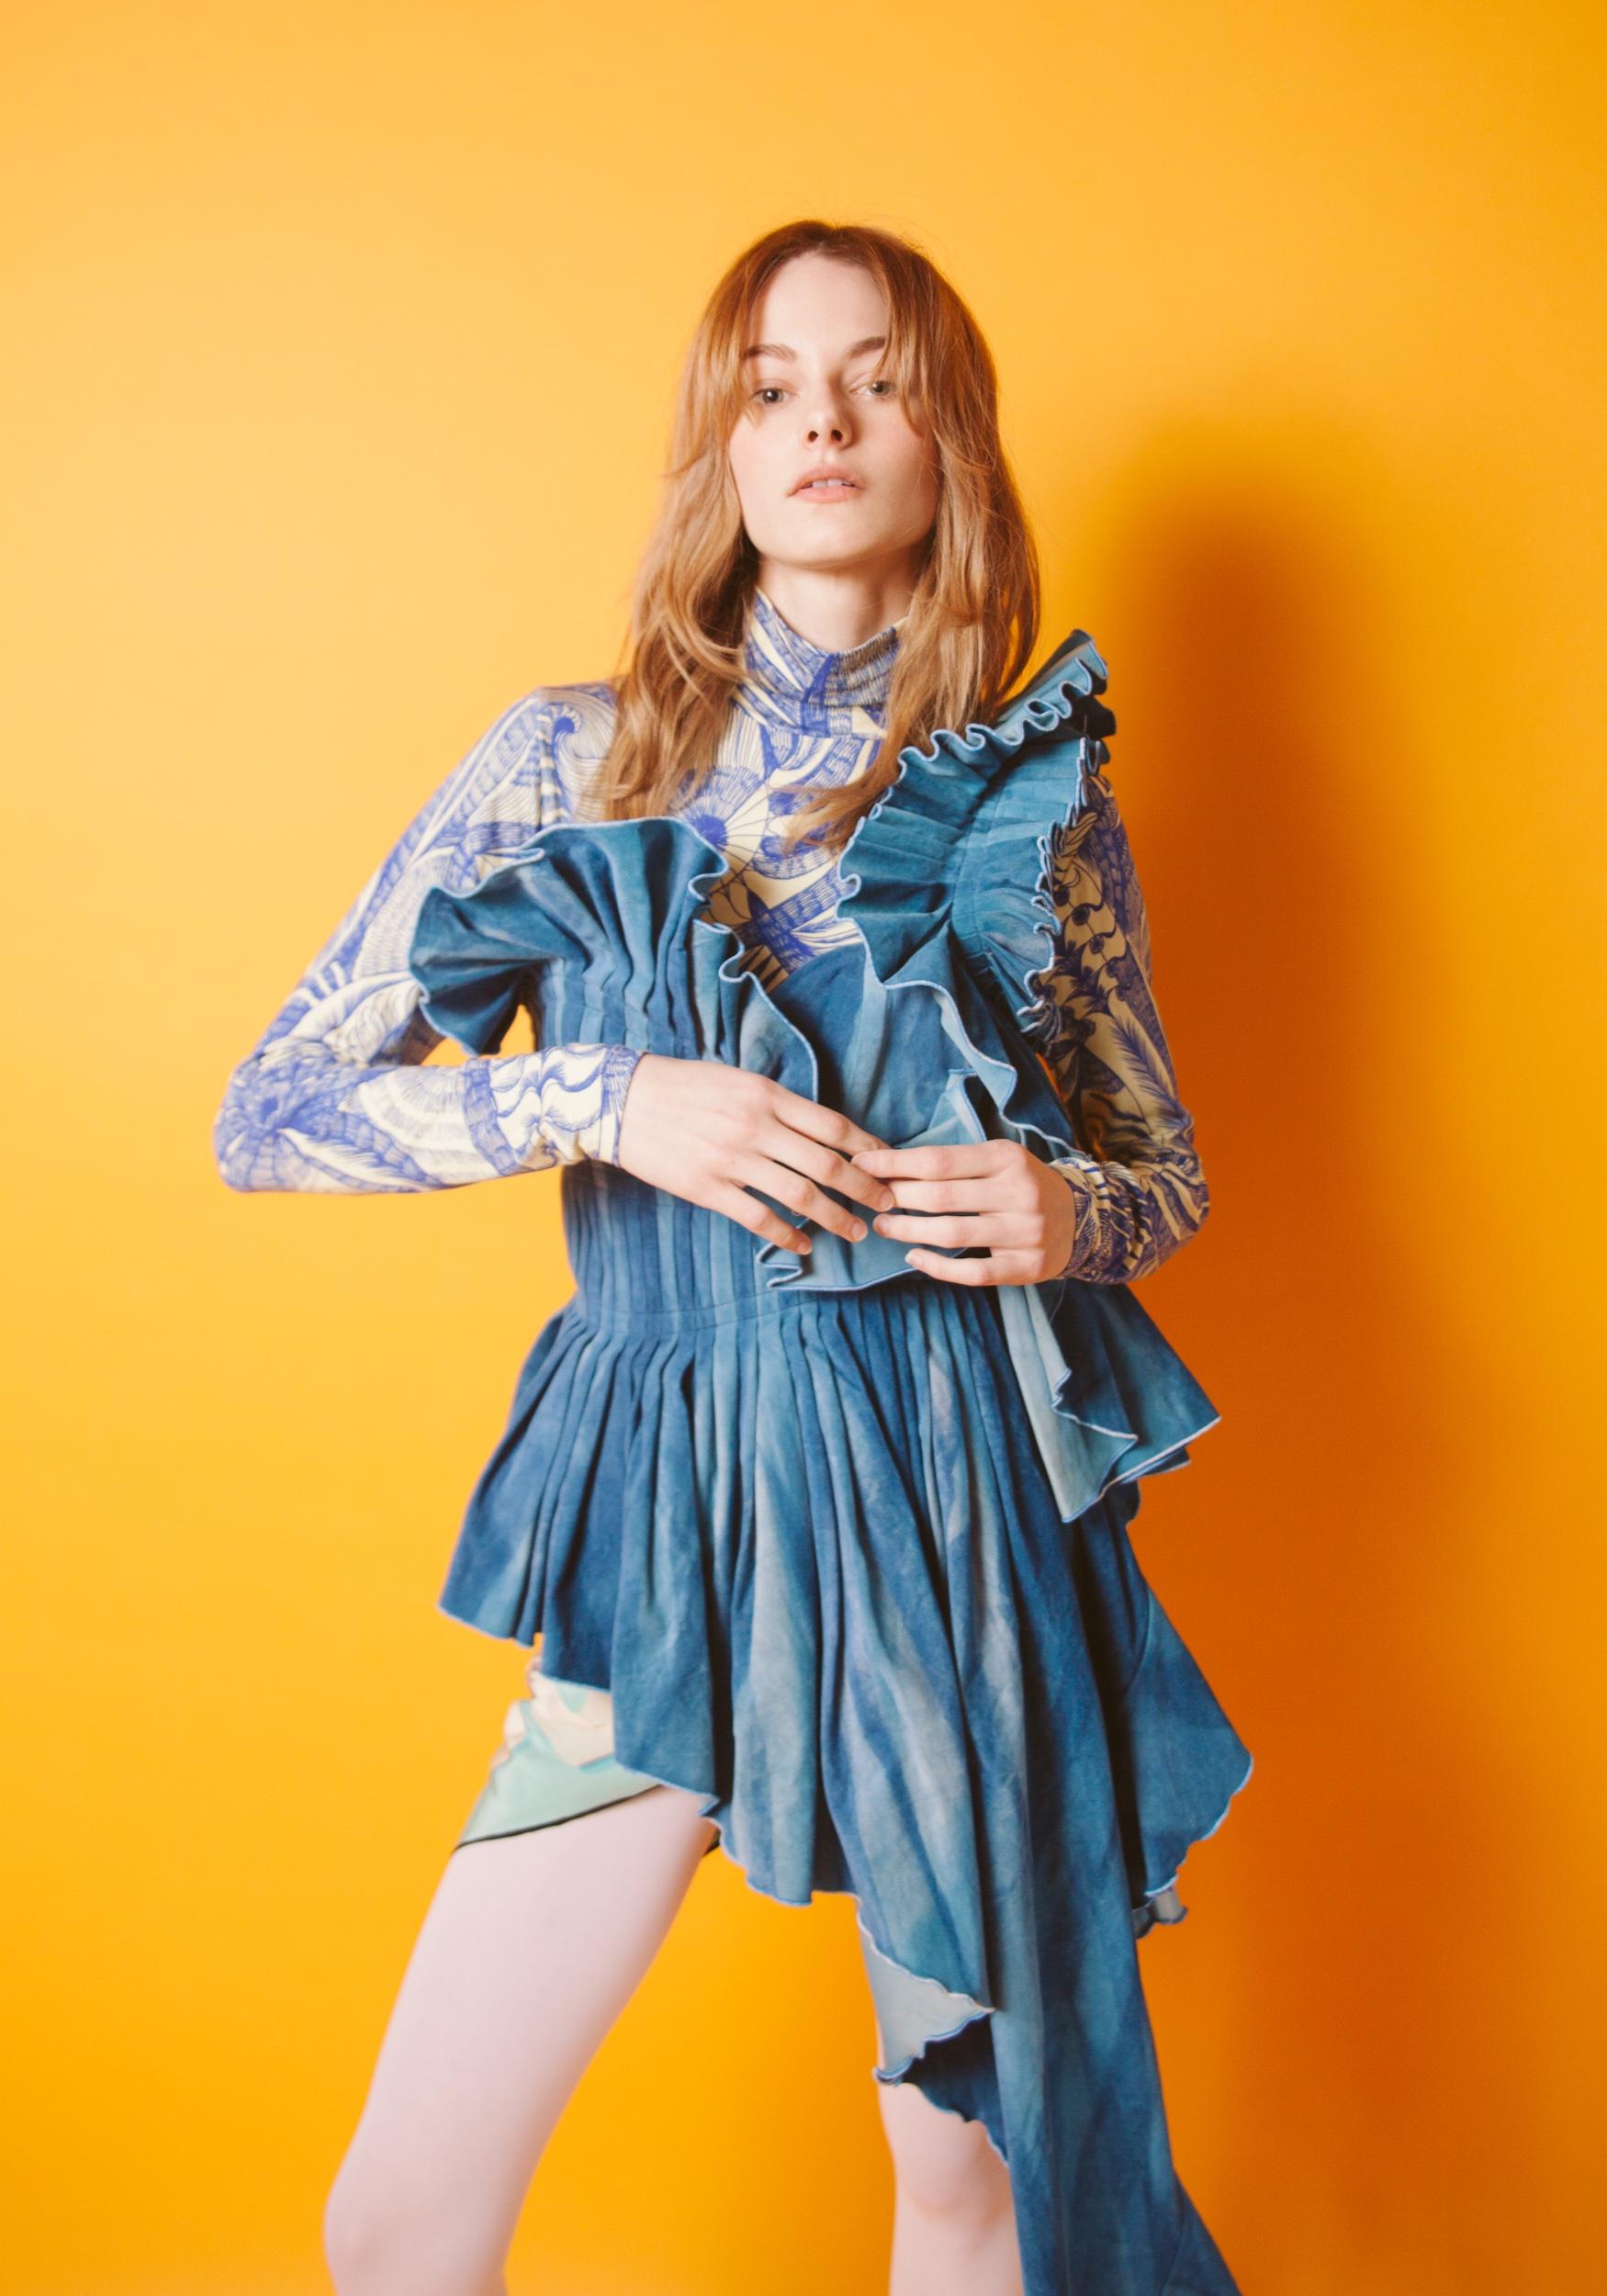 Top Dries Van Noten. Dress Jessica Chang